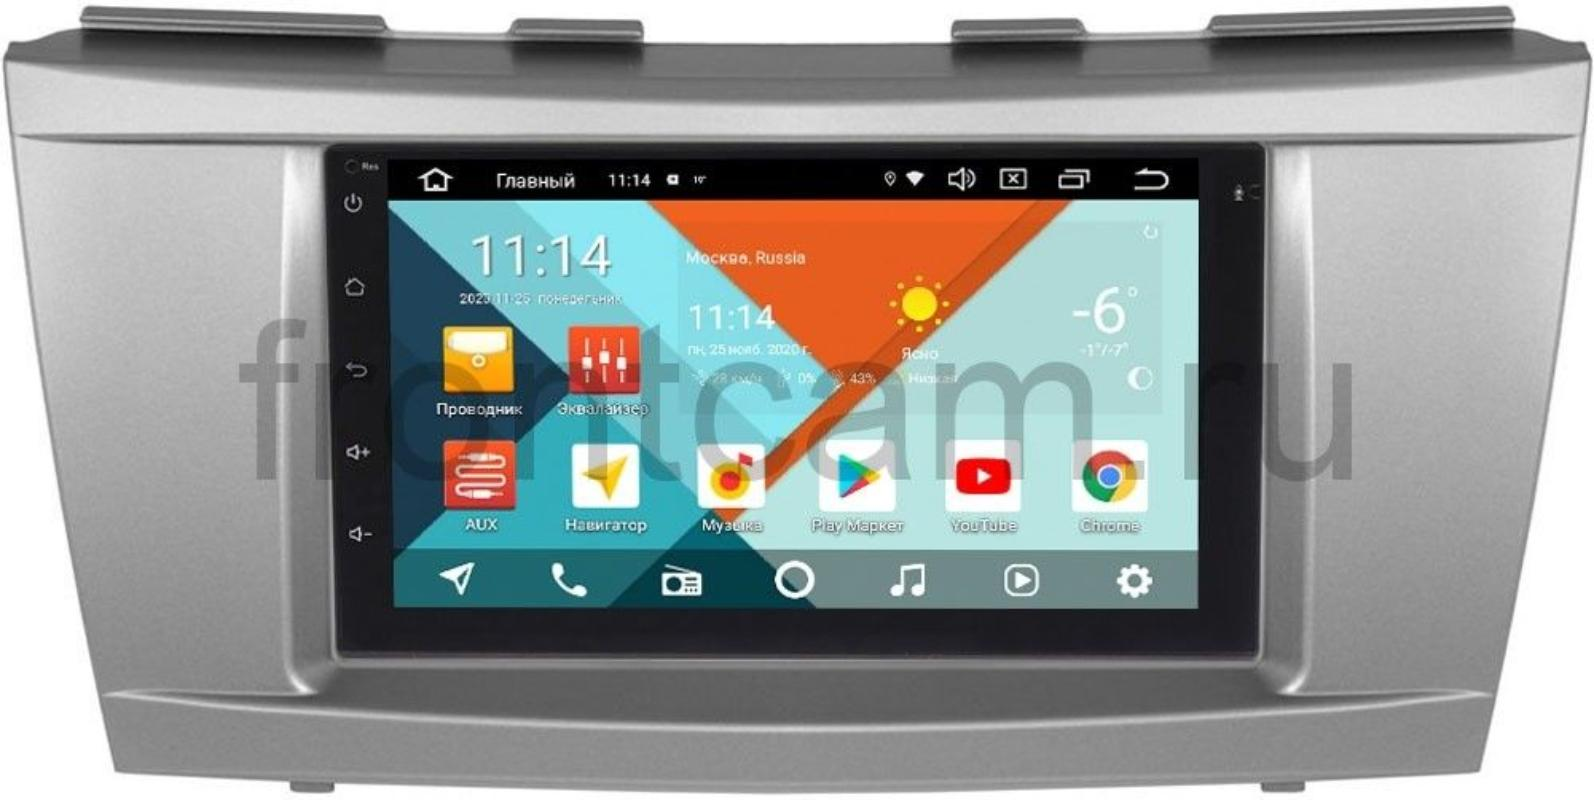 Магнитола для Toyota Camry V40 2006-2011 Wide Media KS7001QR-3/32-RP-TYCA4XS-178 на Android 10(DSP CarPlay 4G-SIM) (+ Камера заднего вида в подарок!)